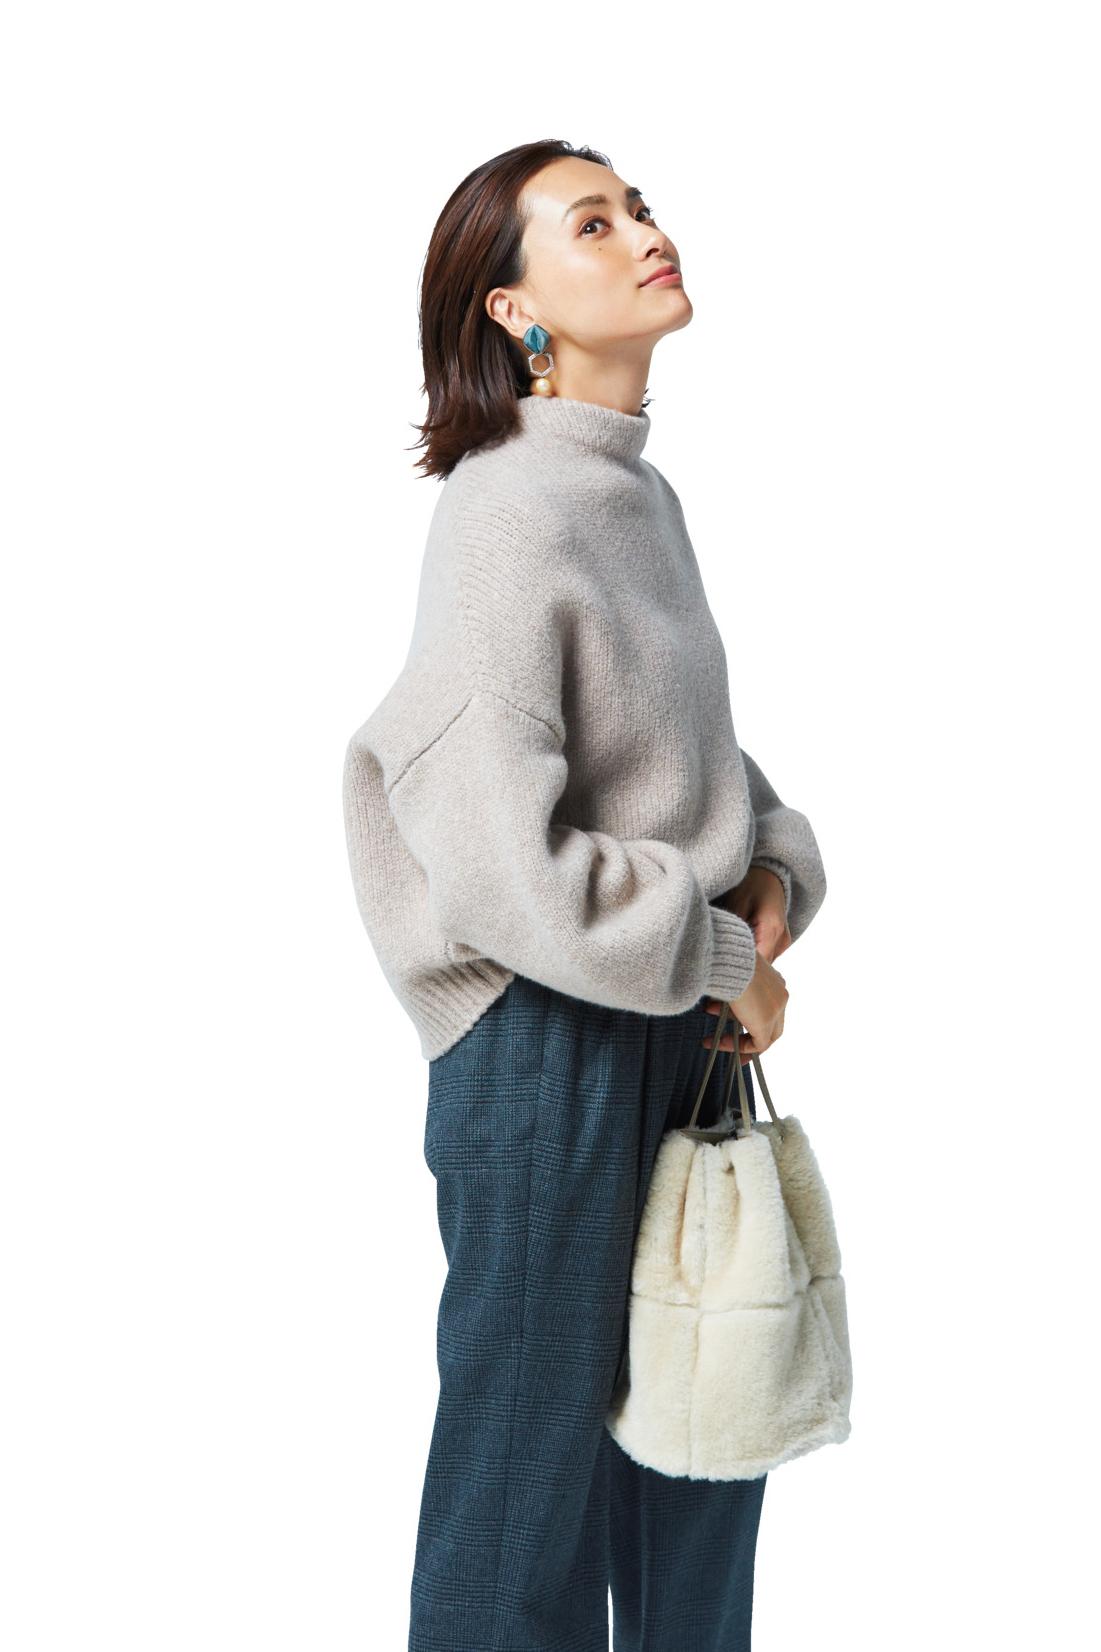 「ニット+パンツ」の女っぷり足しアイデア!_1_1-1